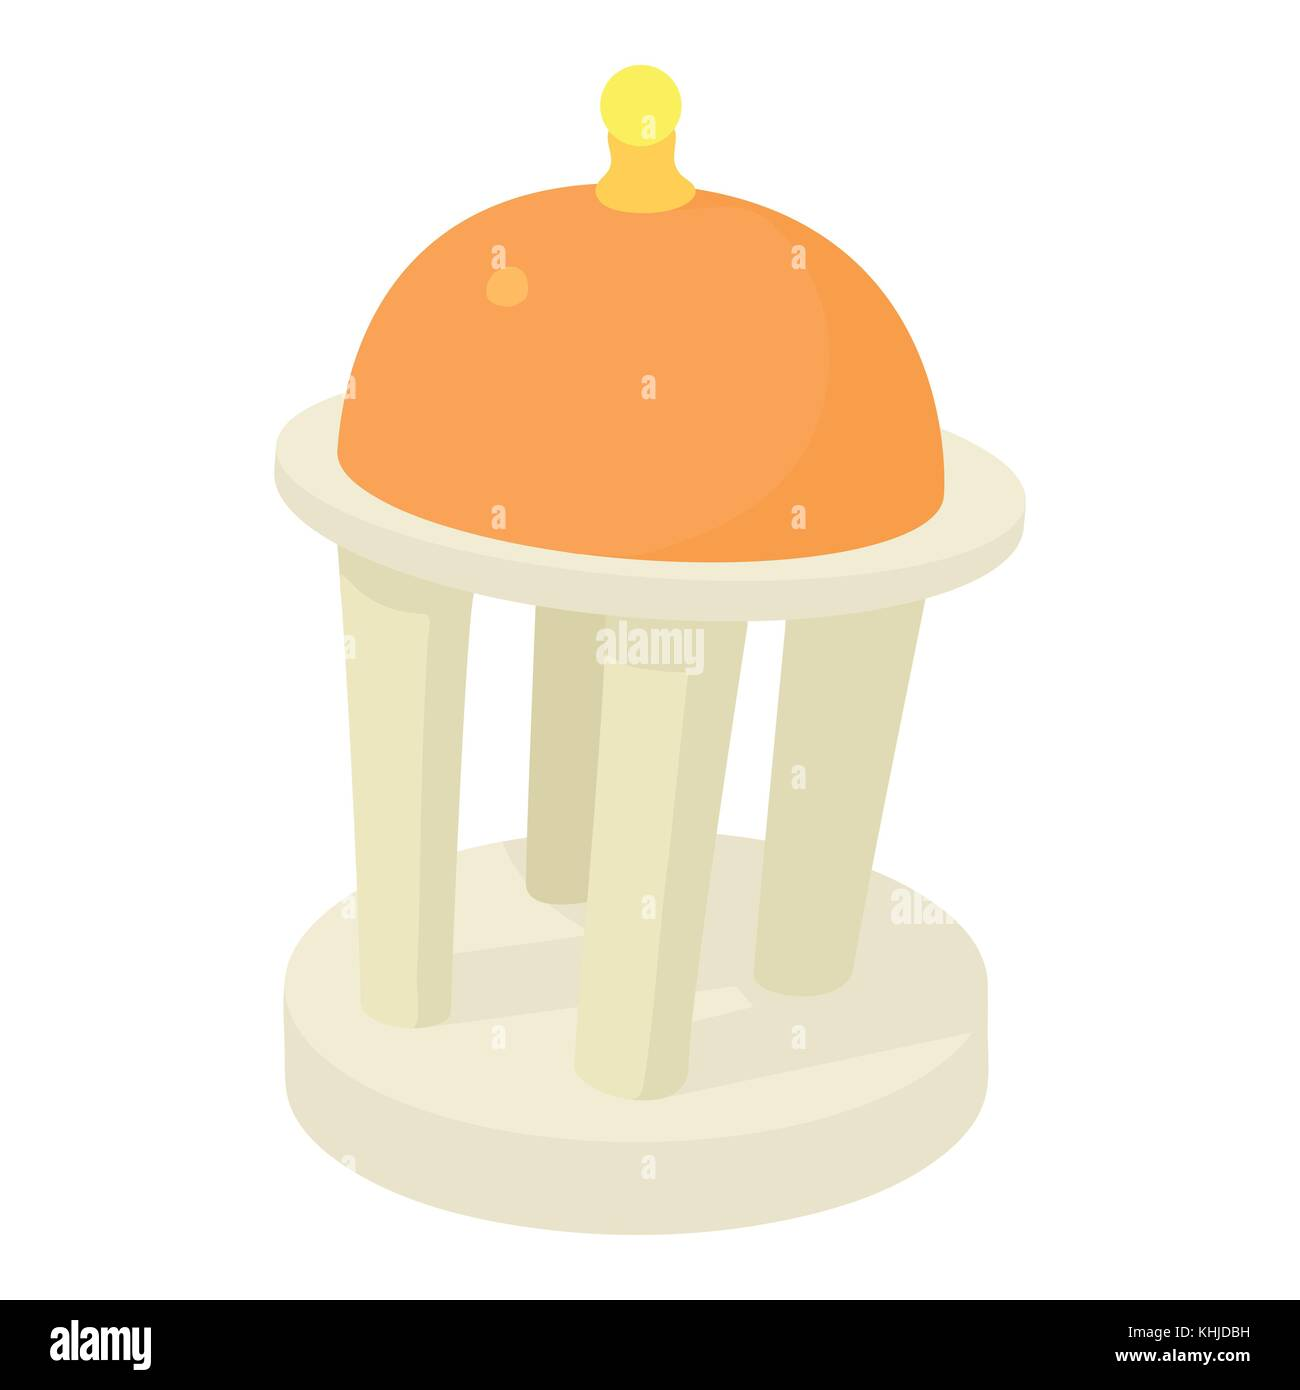 Rotunda icon, cartoon style - Stock Vector